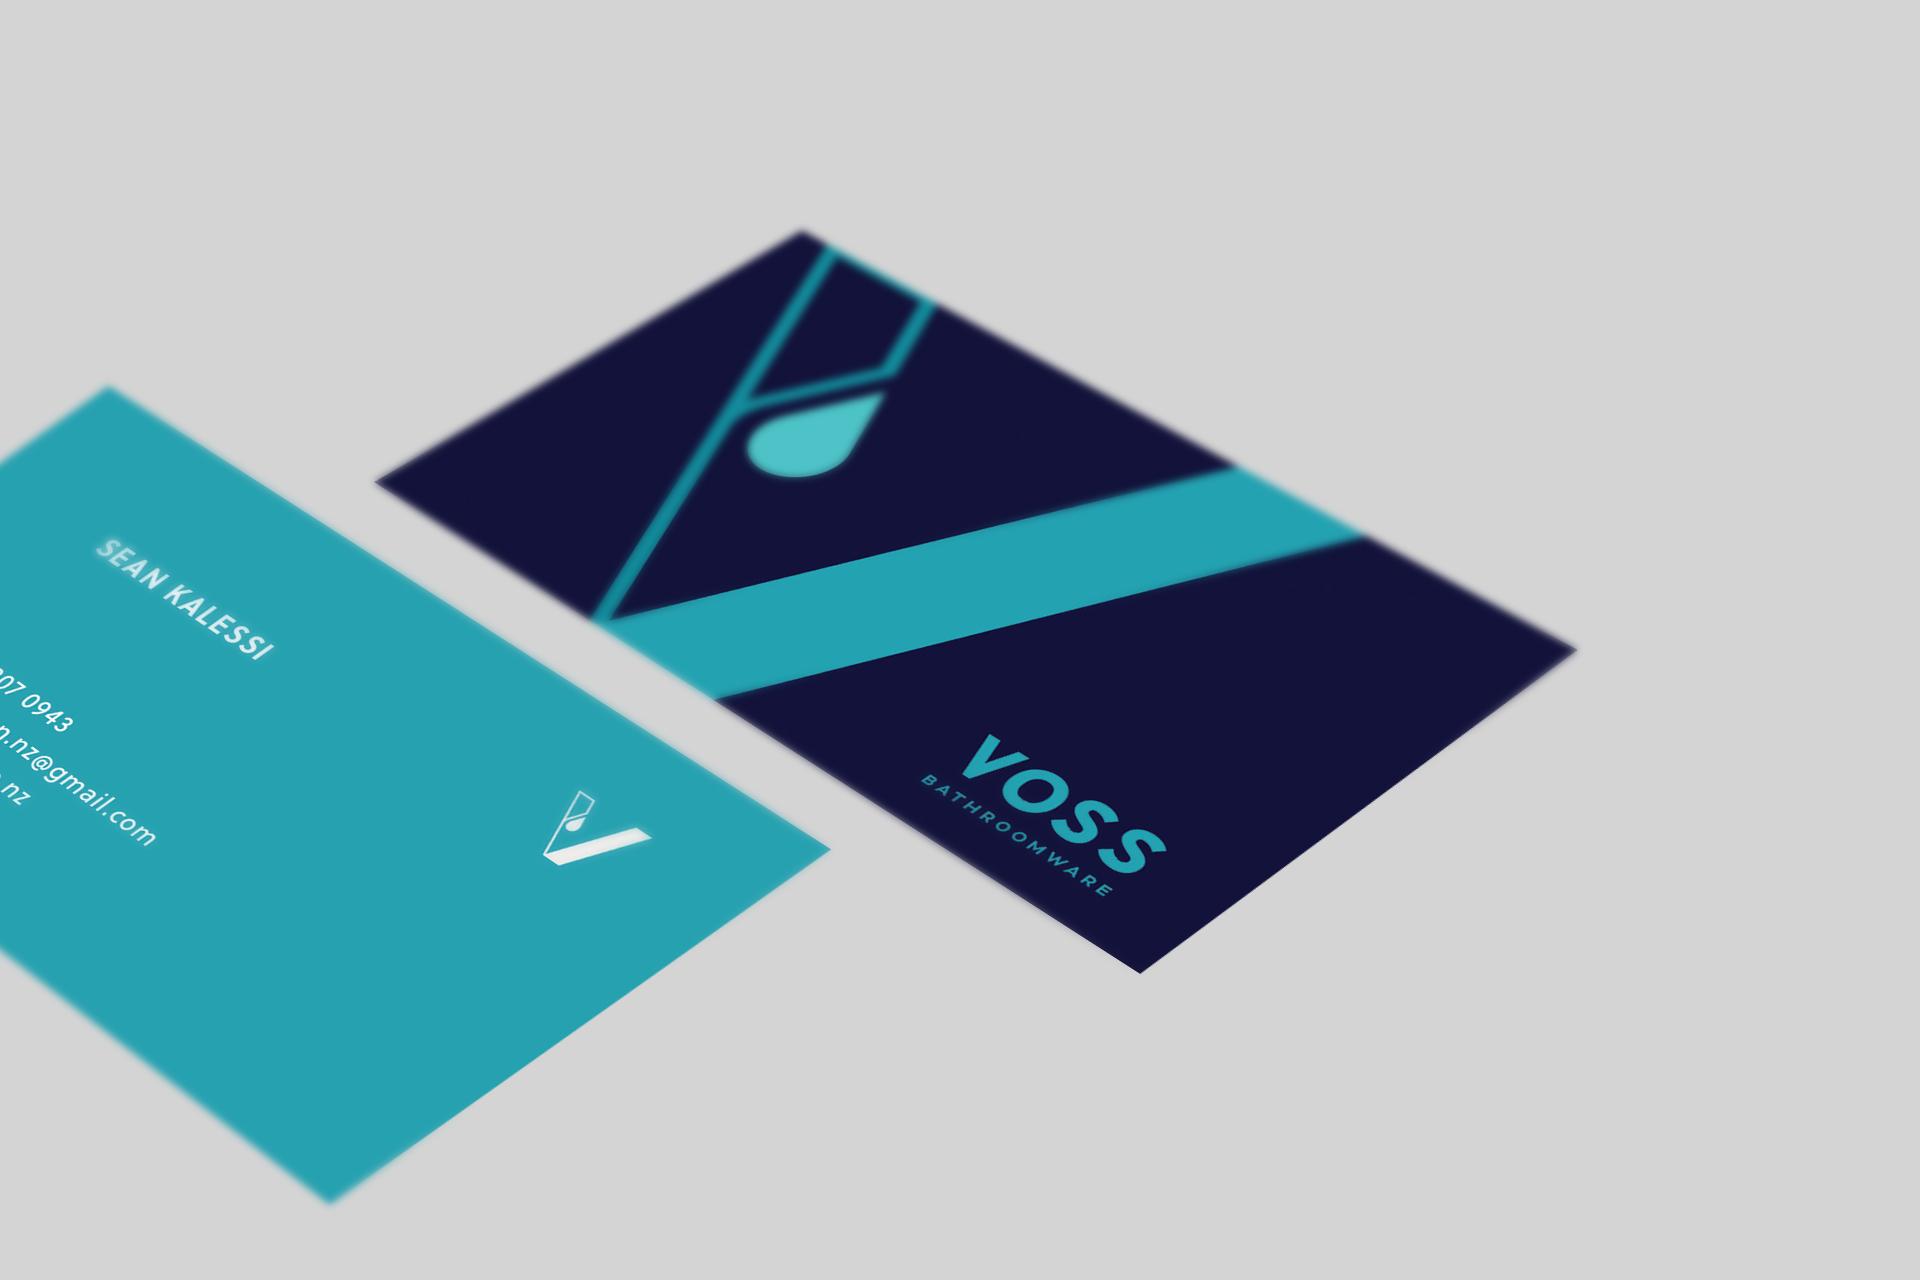 Voss Business Cards.jpg